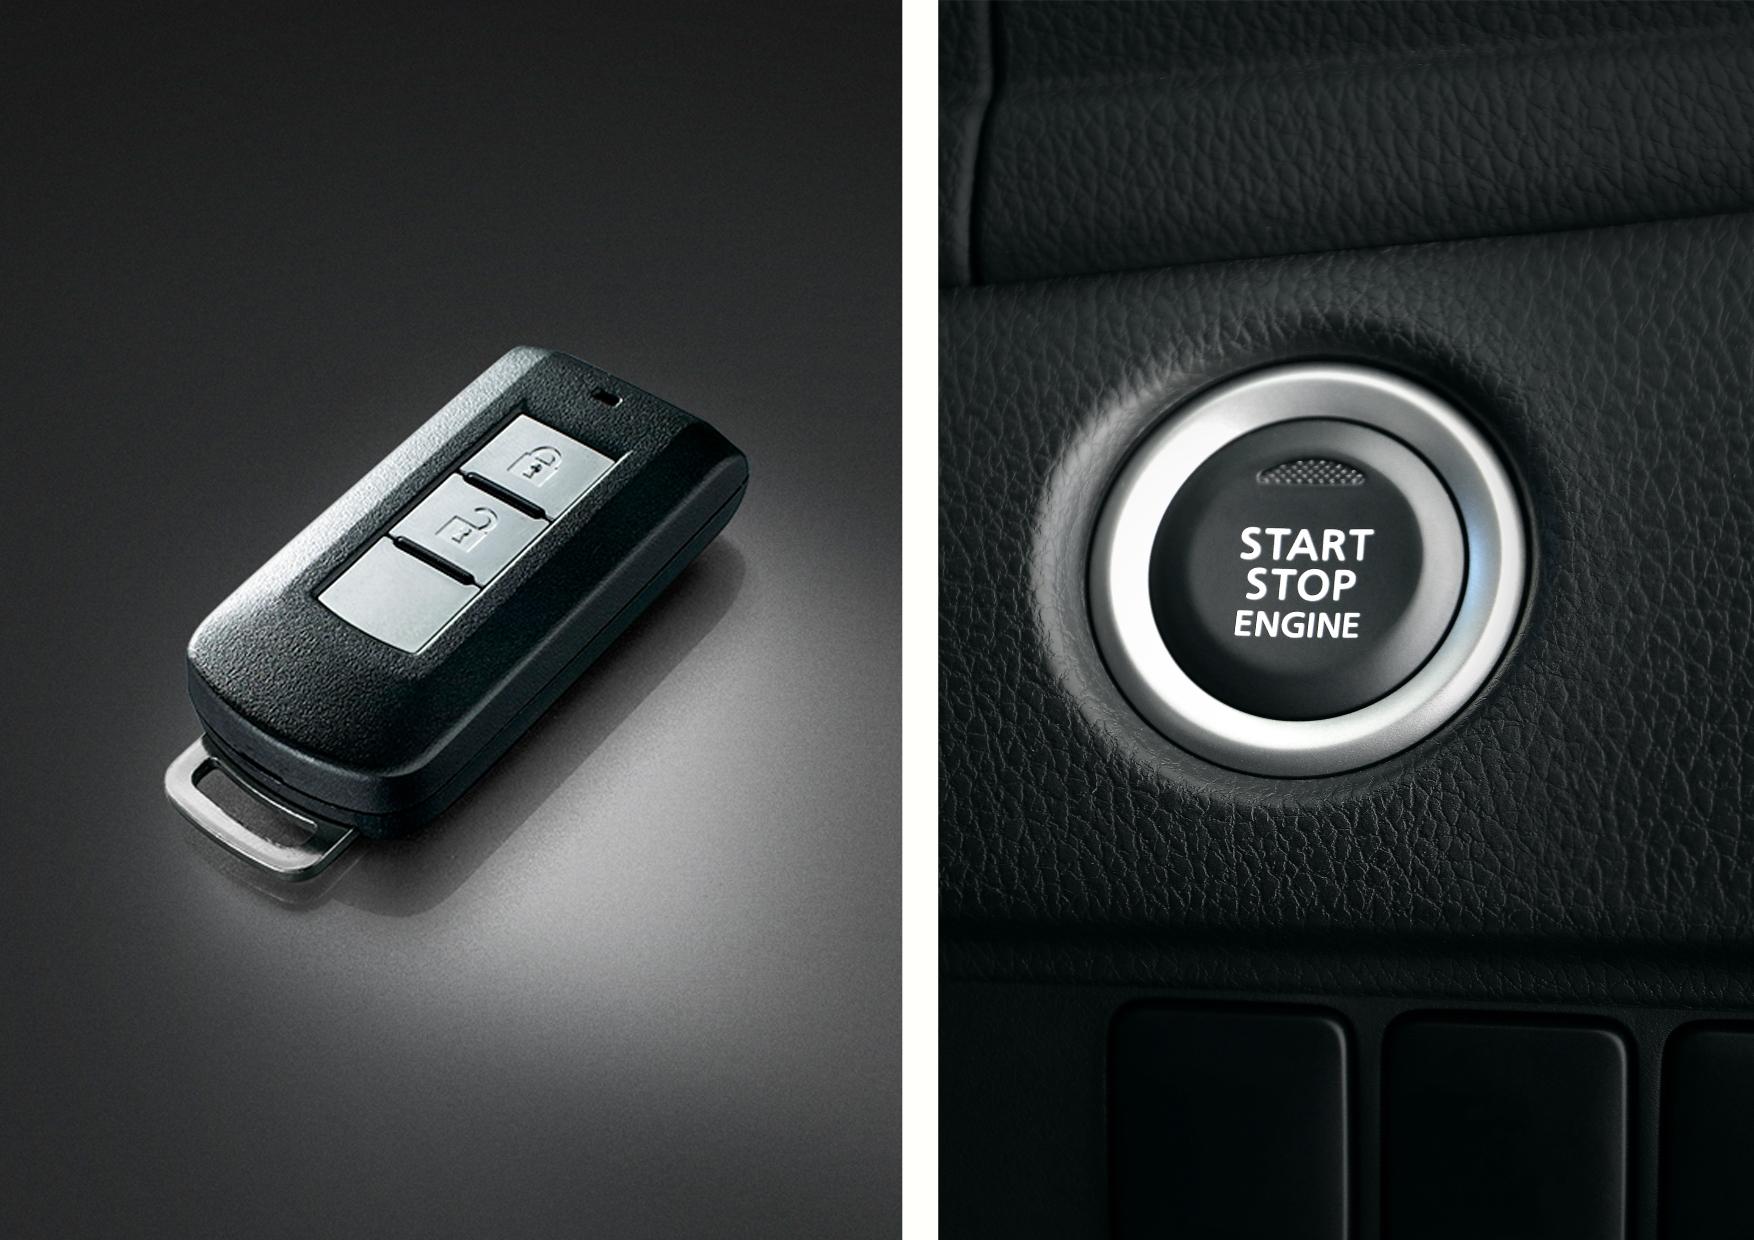 50 Koleksi Gambar Kunci Mobil Pajero Terbaru